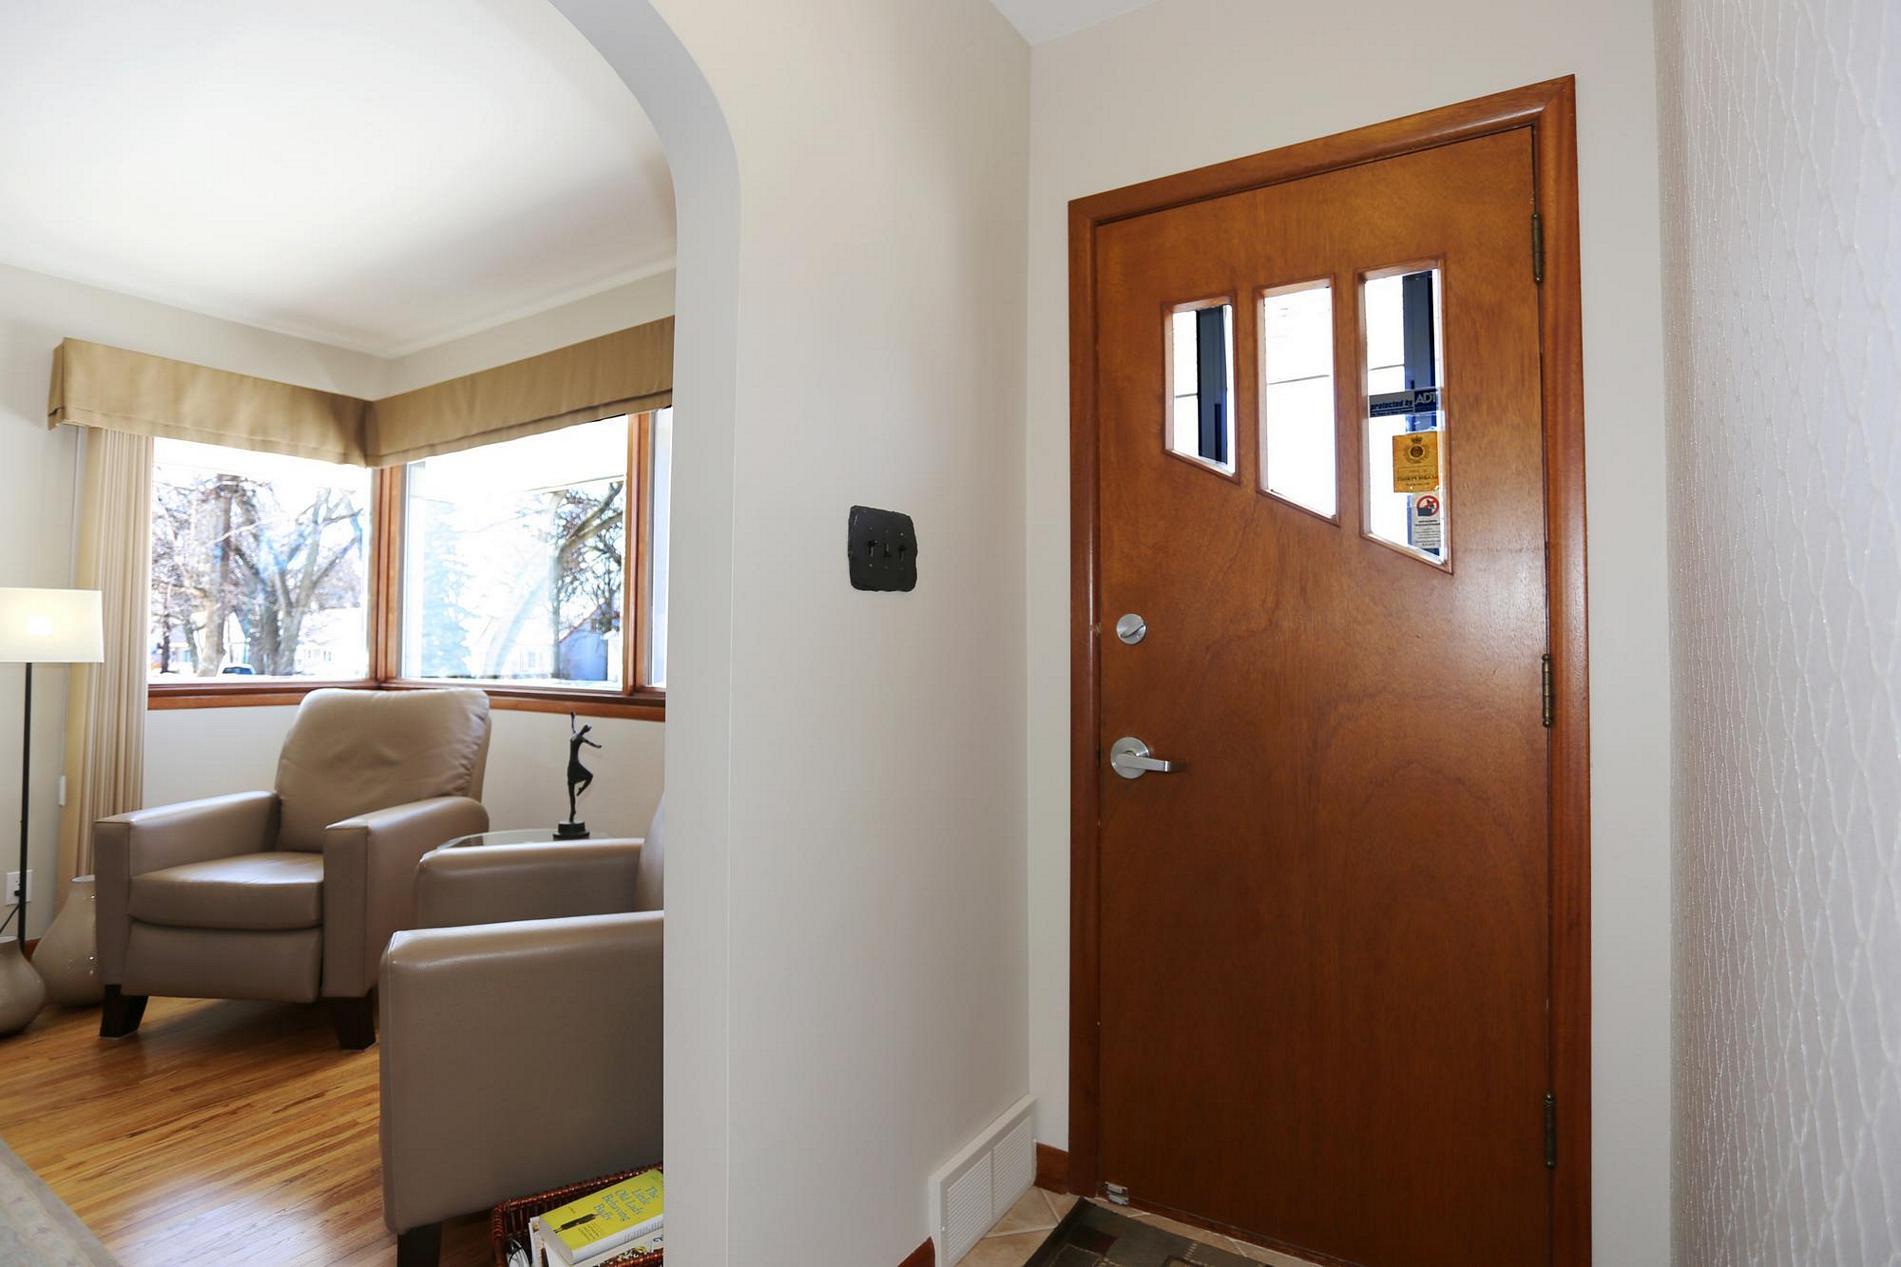 349 Guildford Street, Winnipeg, Manitoba  R3J 2J6 - Photo 2 - 1807654